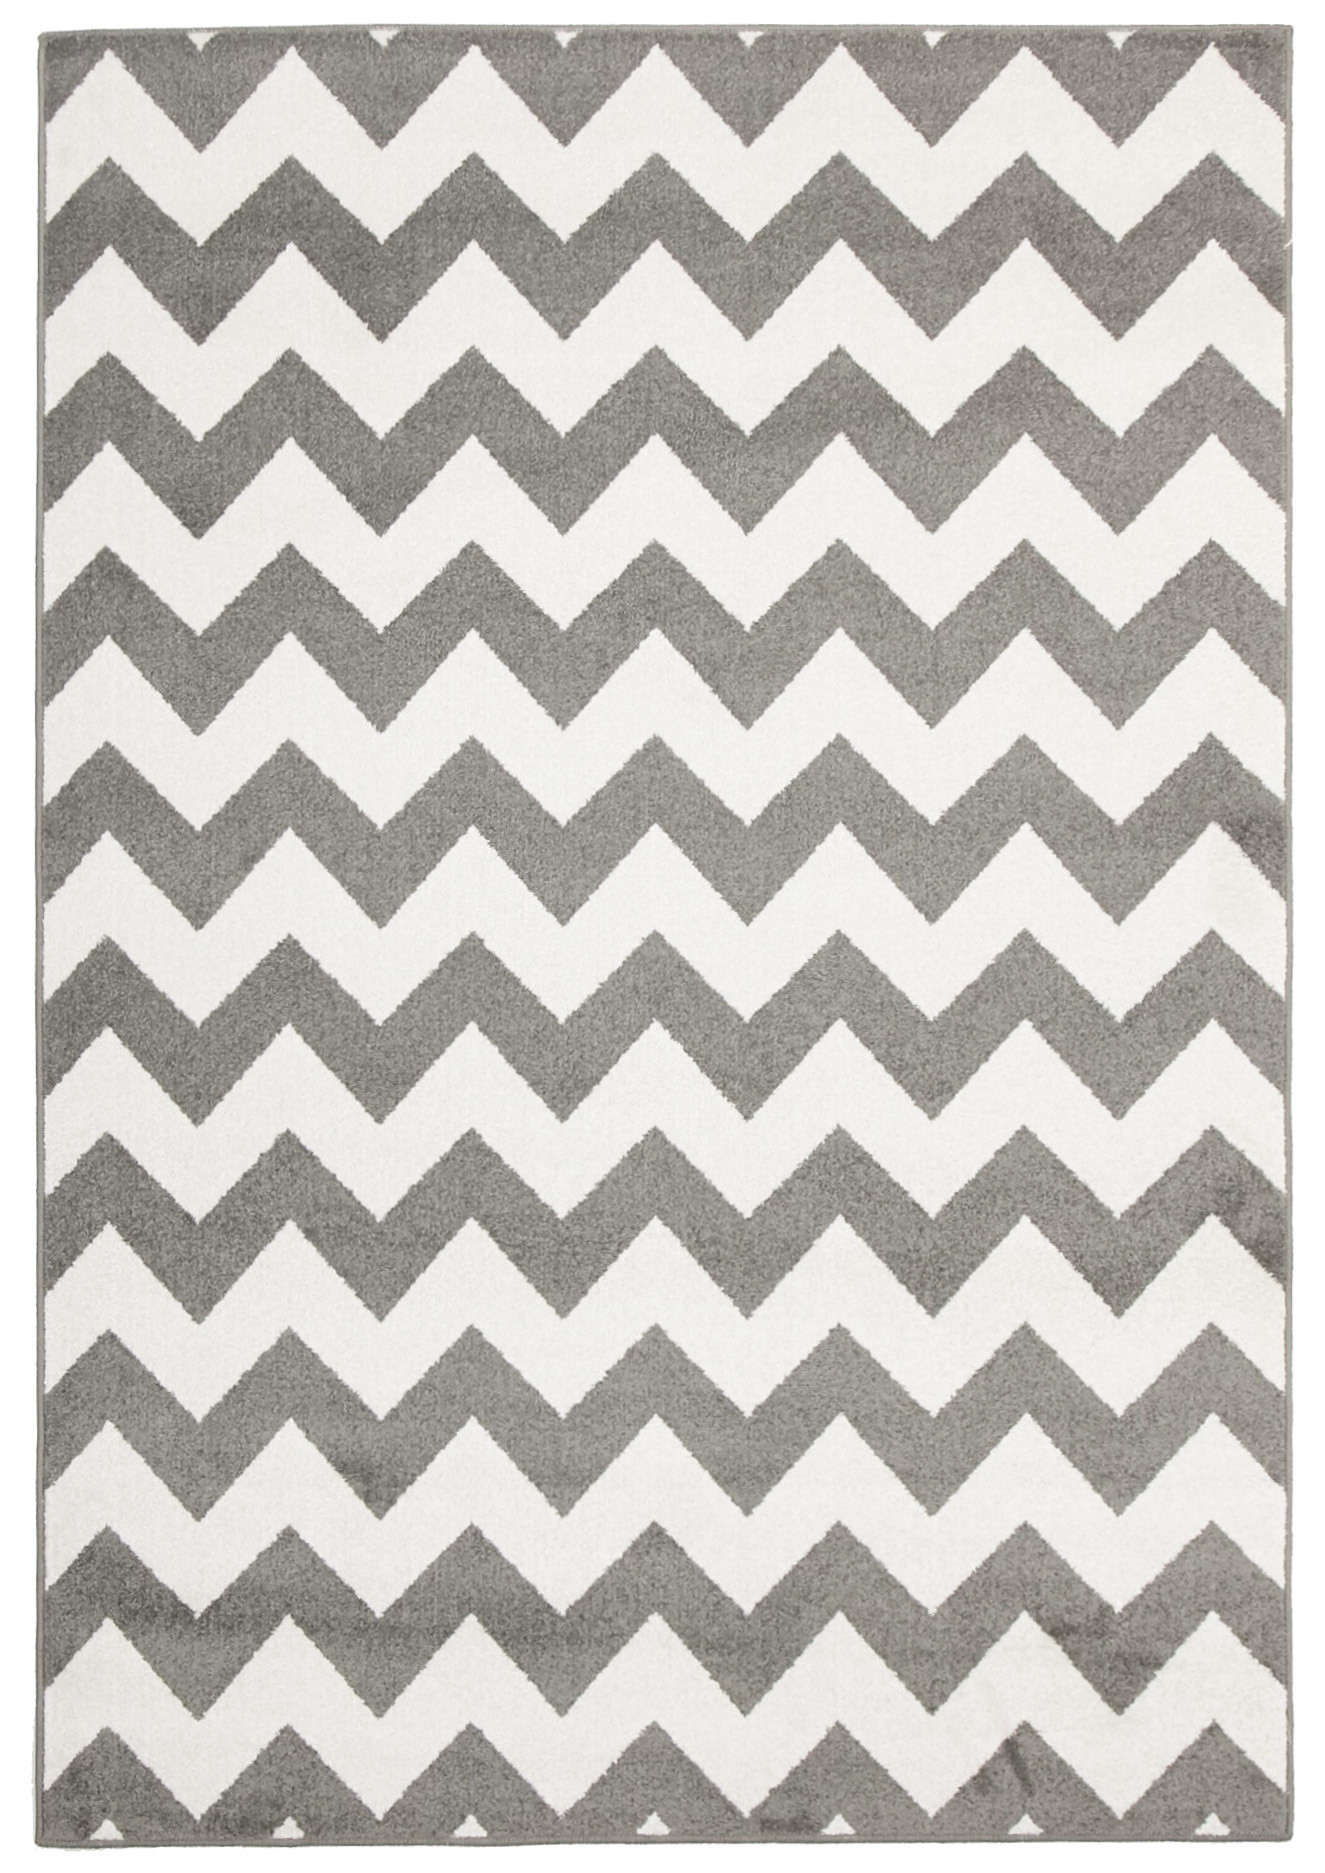 Grey & White Zig Zag Indoor Outdoor Rug